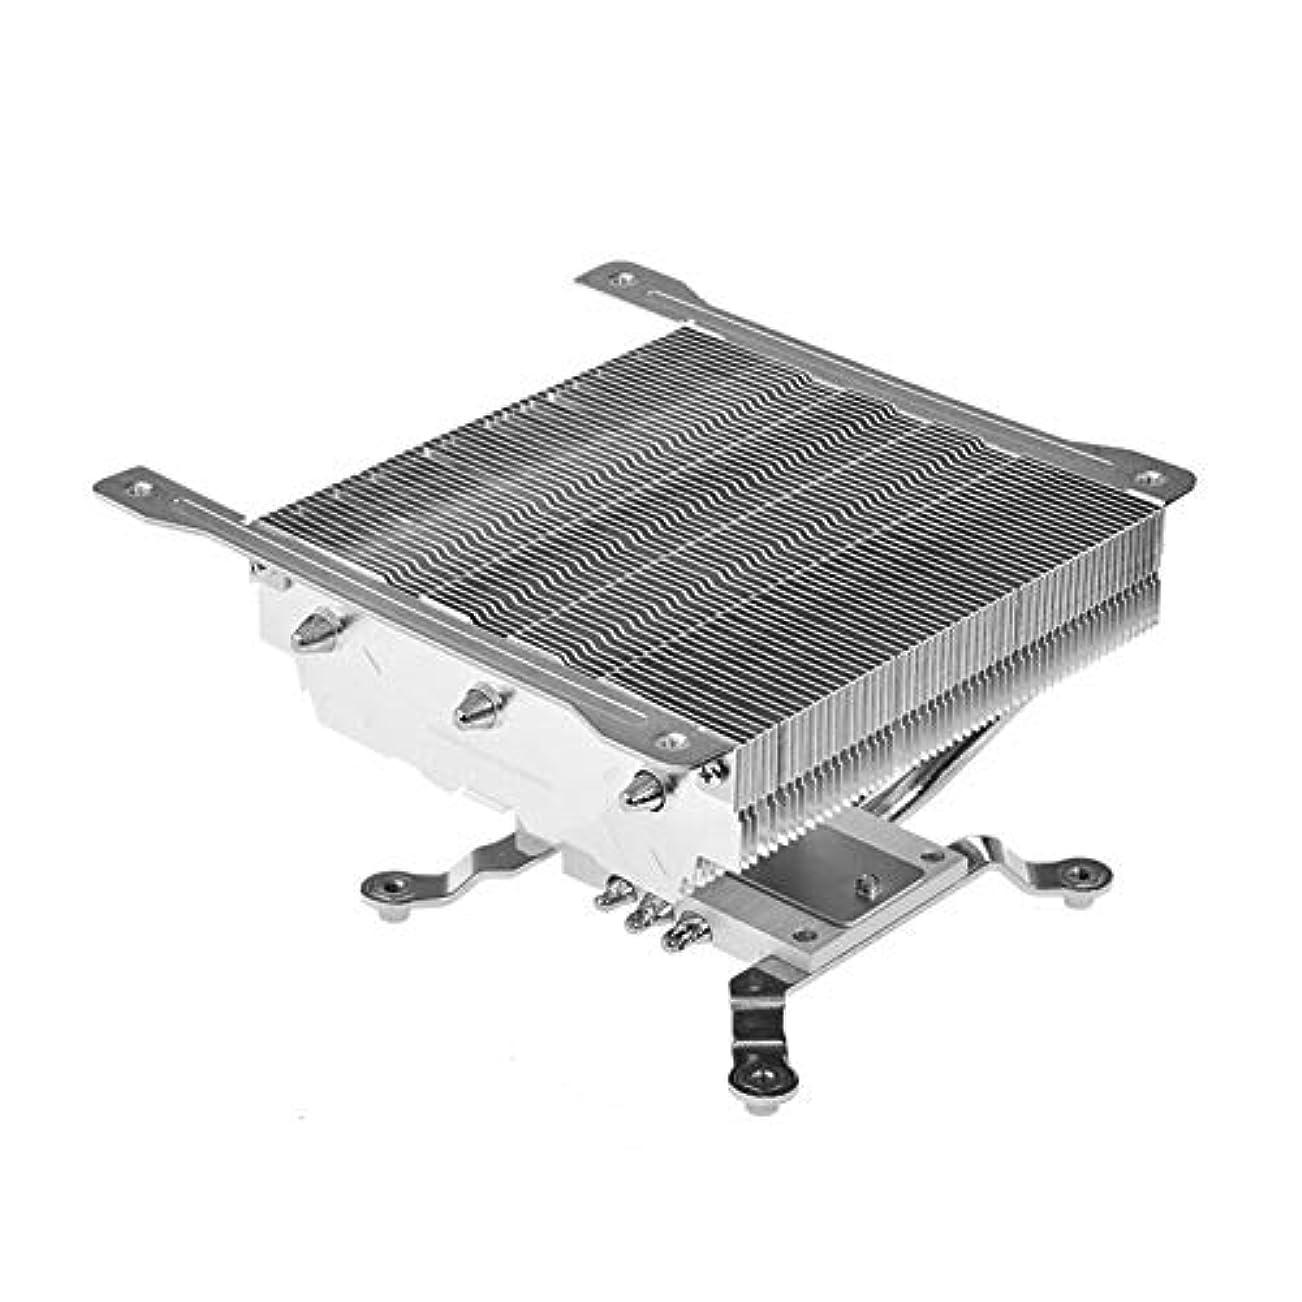 鉱夫偏心空中vanpower CPU PCケース HTPC加圧ダウンアルミニウム 3ヒートパイプラジエーターヒートシンク